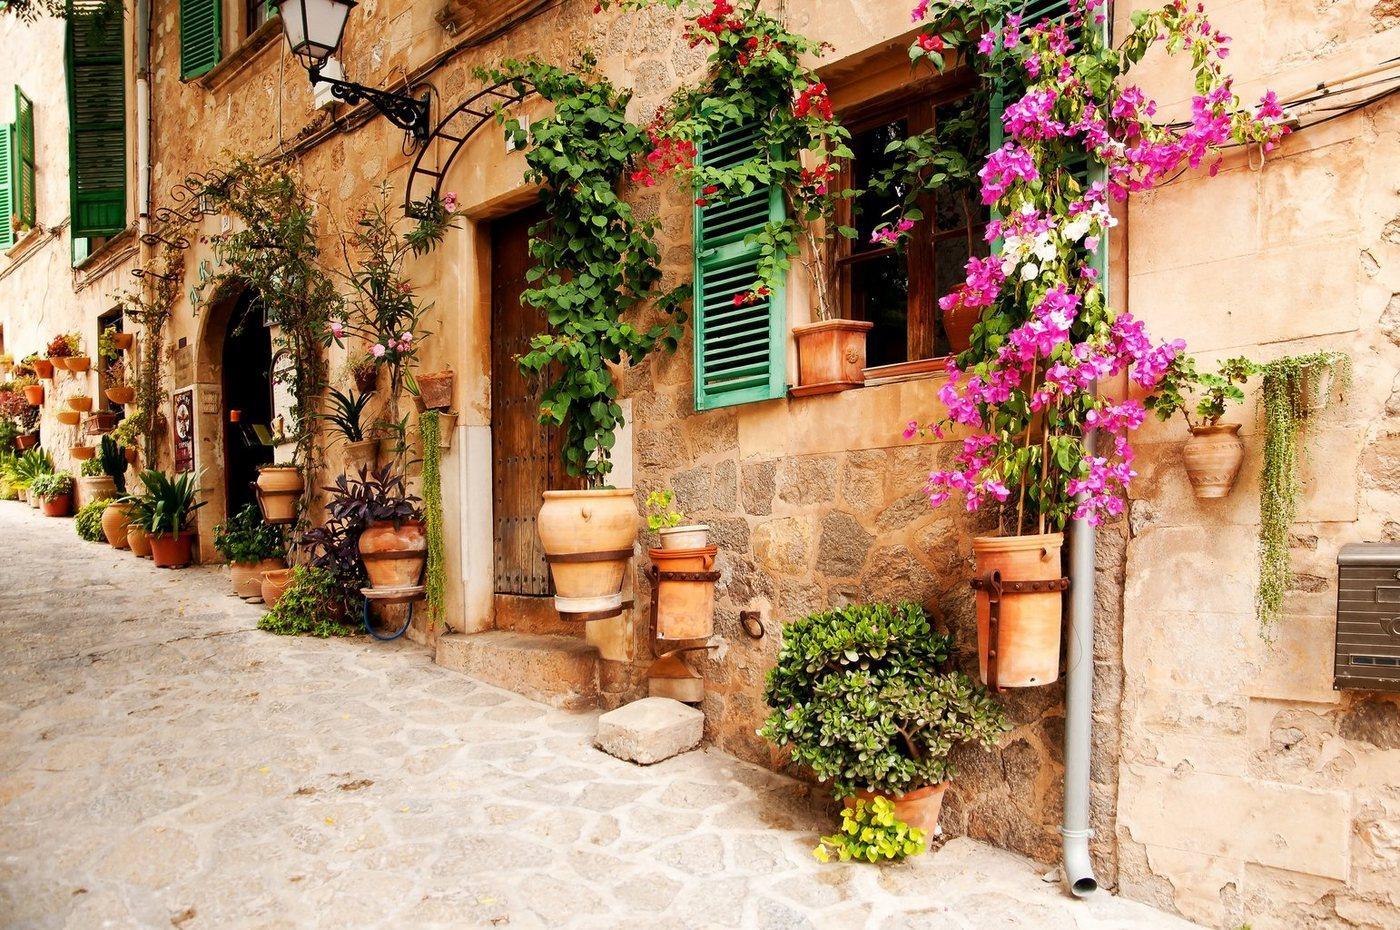 Papermoon Fototapete »Valdemossa Majorca«, glatt